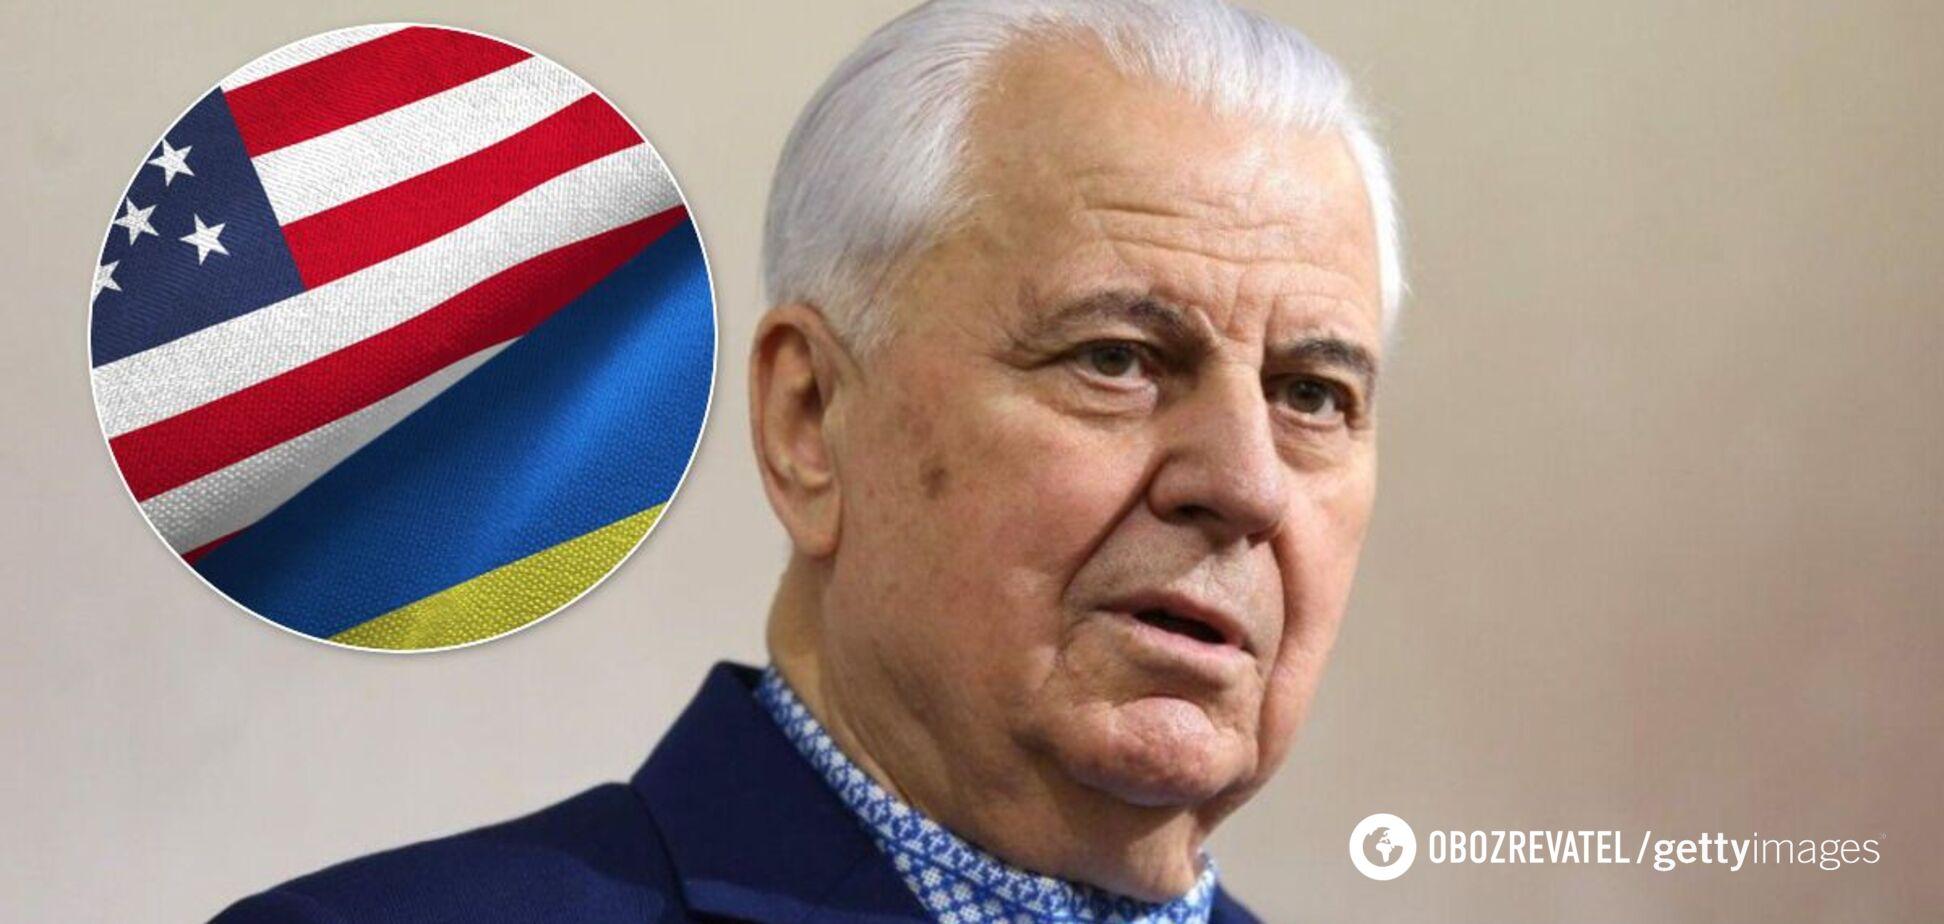 Кравчук пояснив, чи потрібні США в 'нормандському форматі'